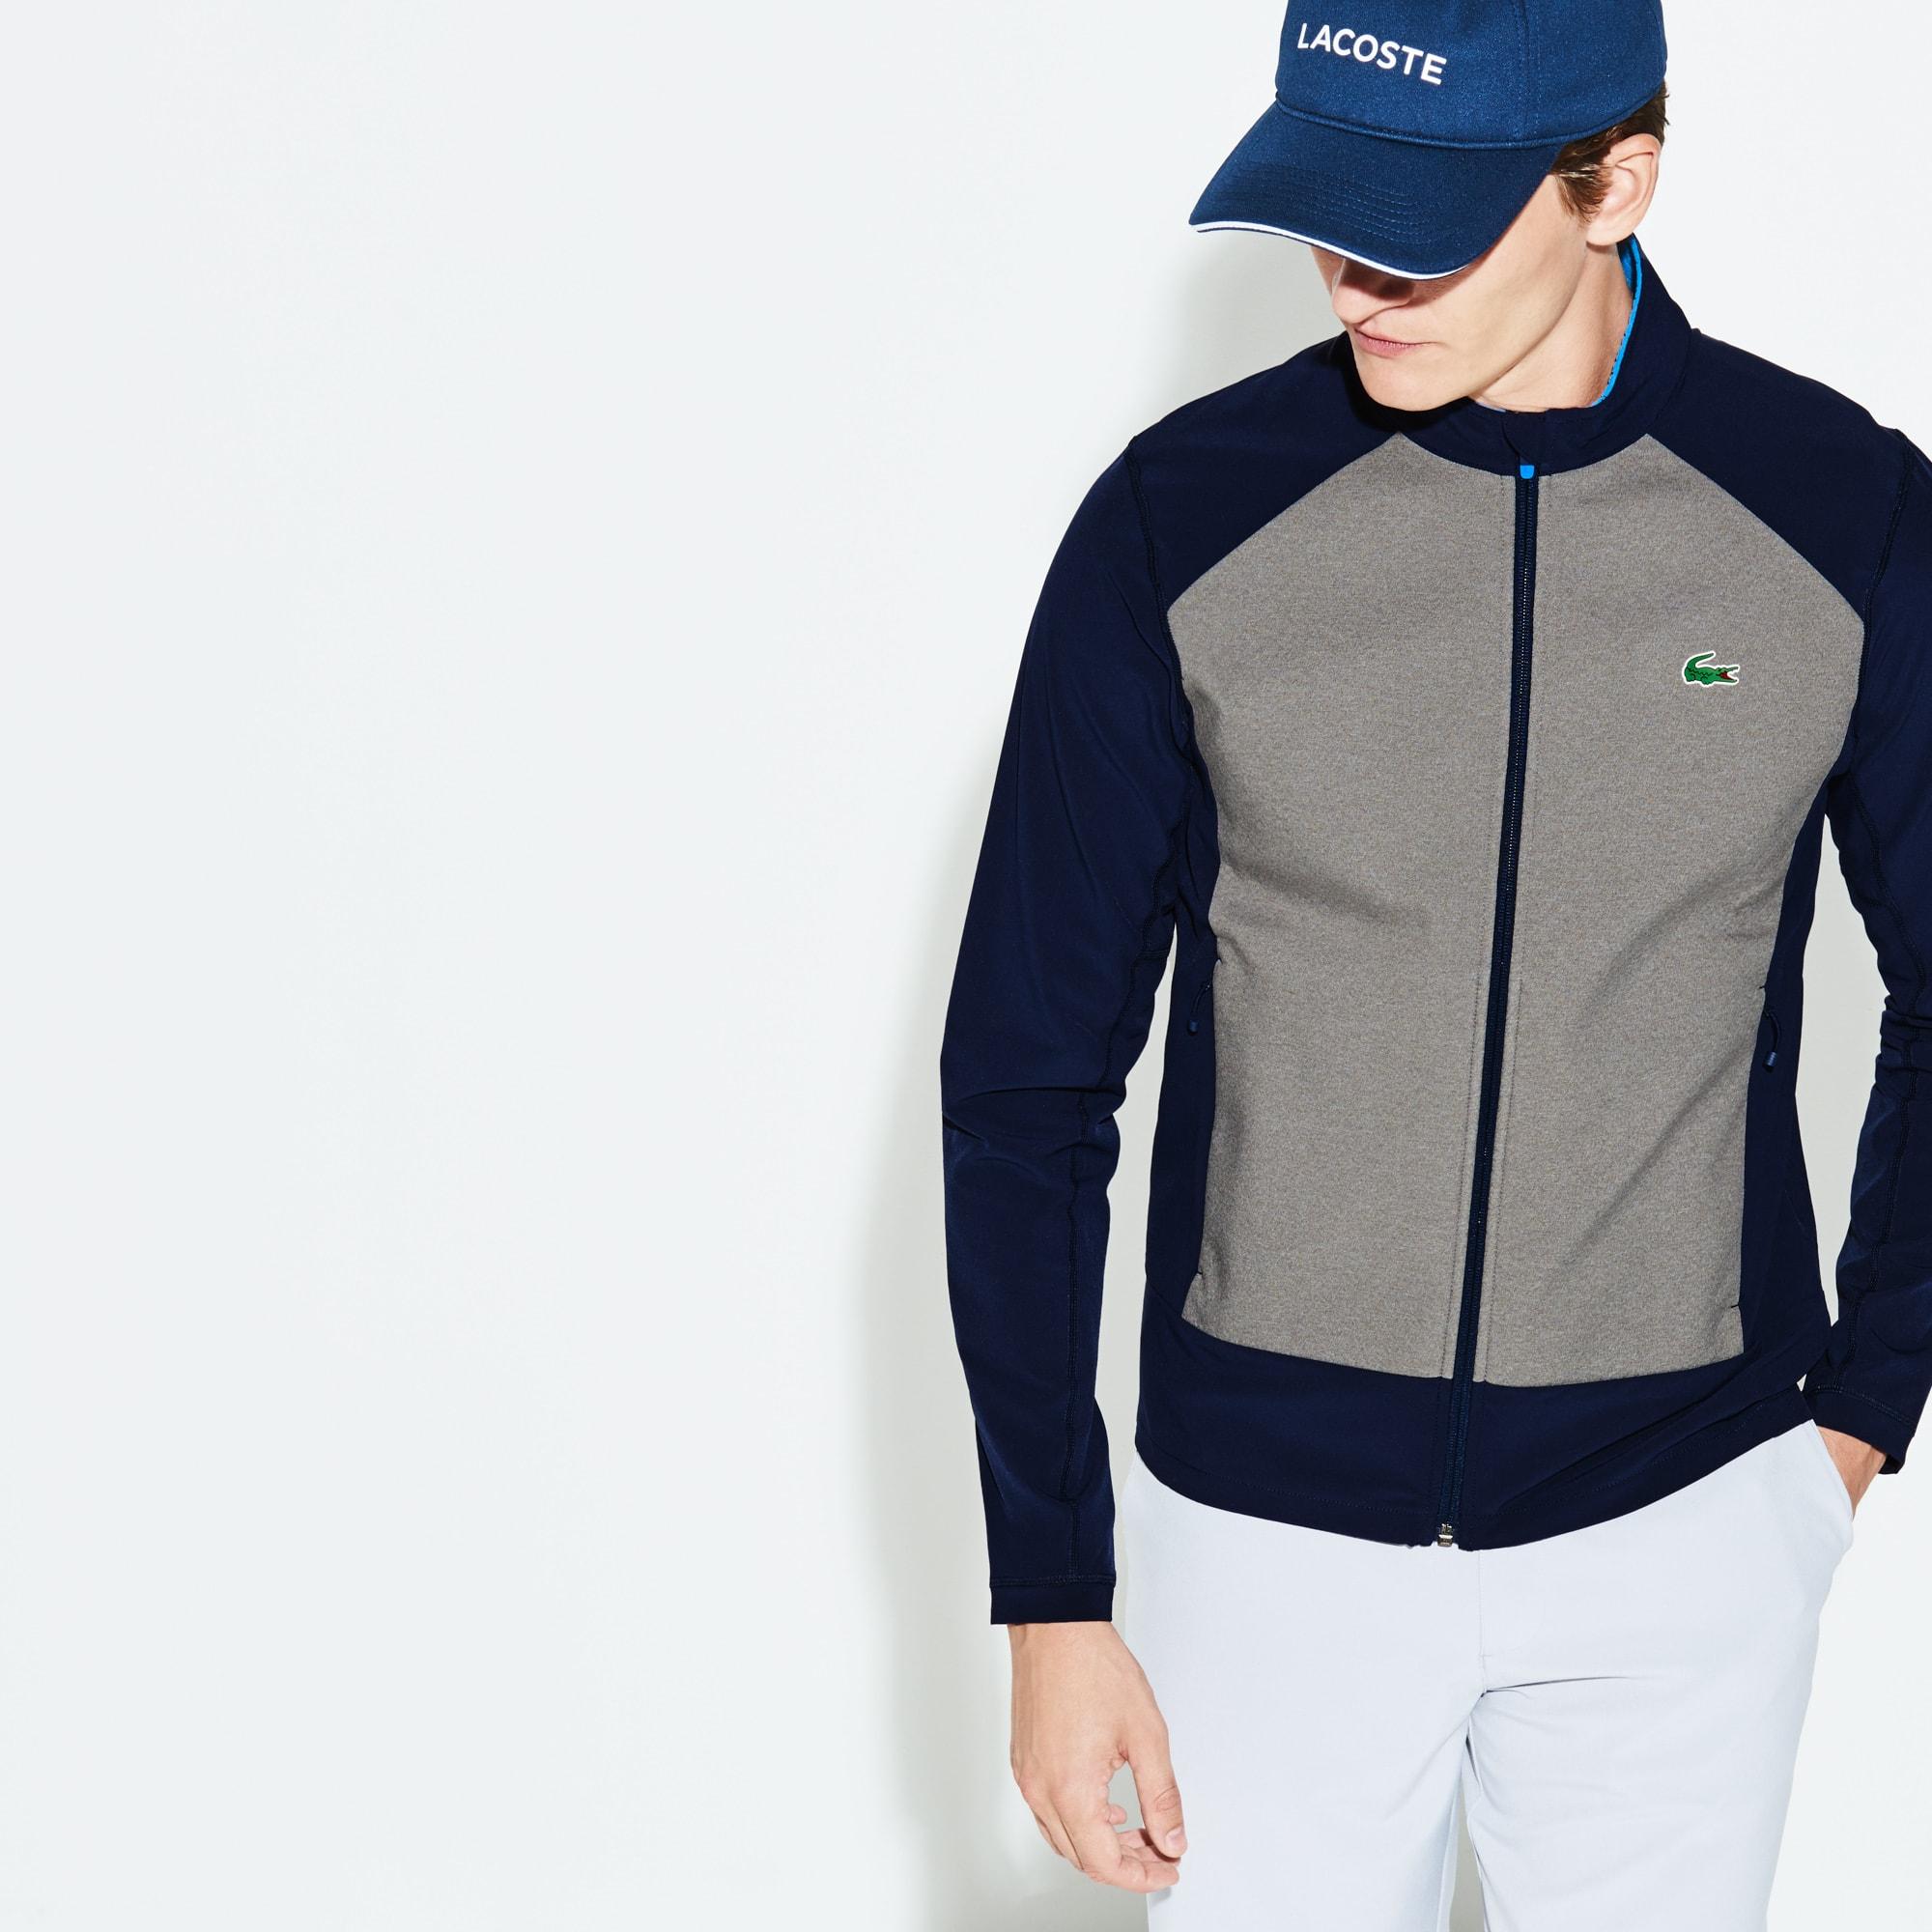 Lacoste SPORT Golf-sweatshirt heren waterbestendig met rits